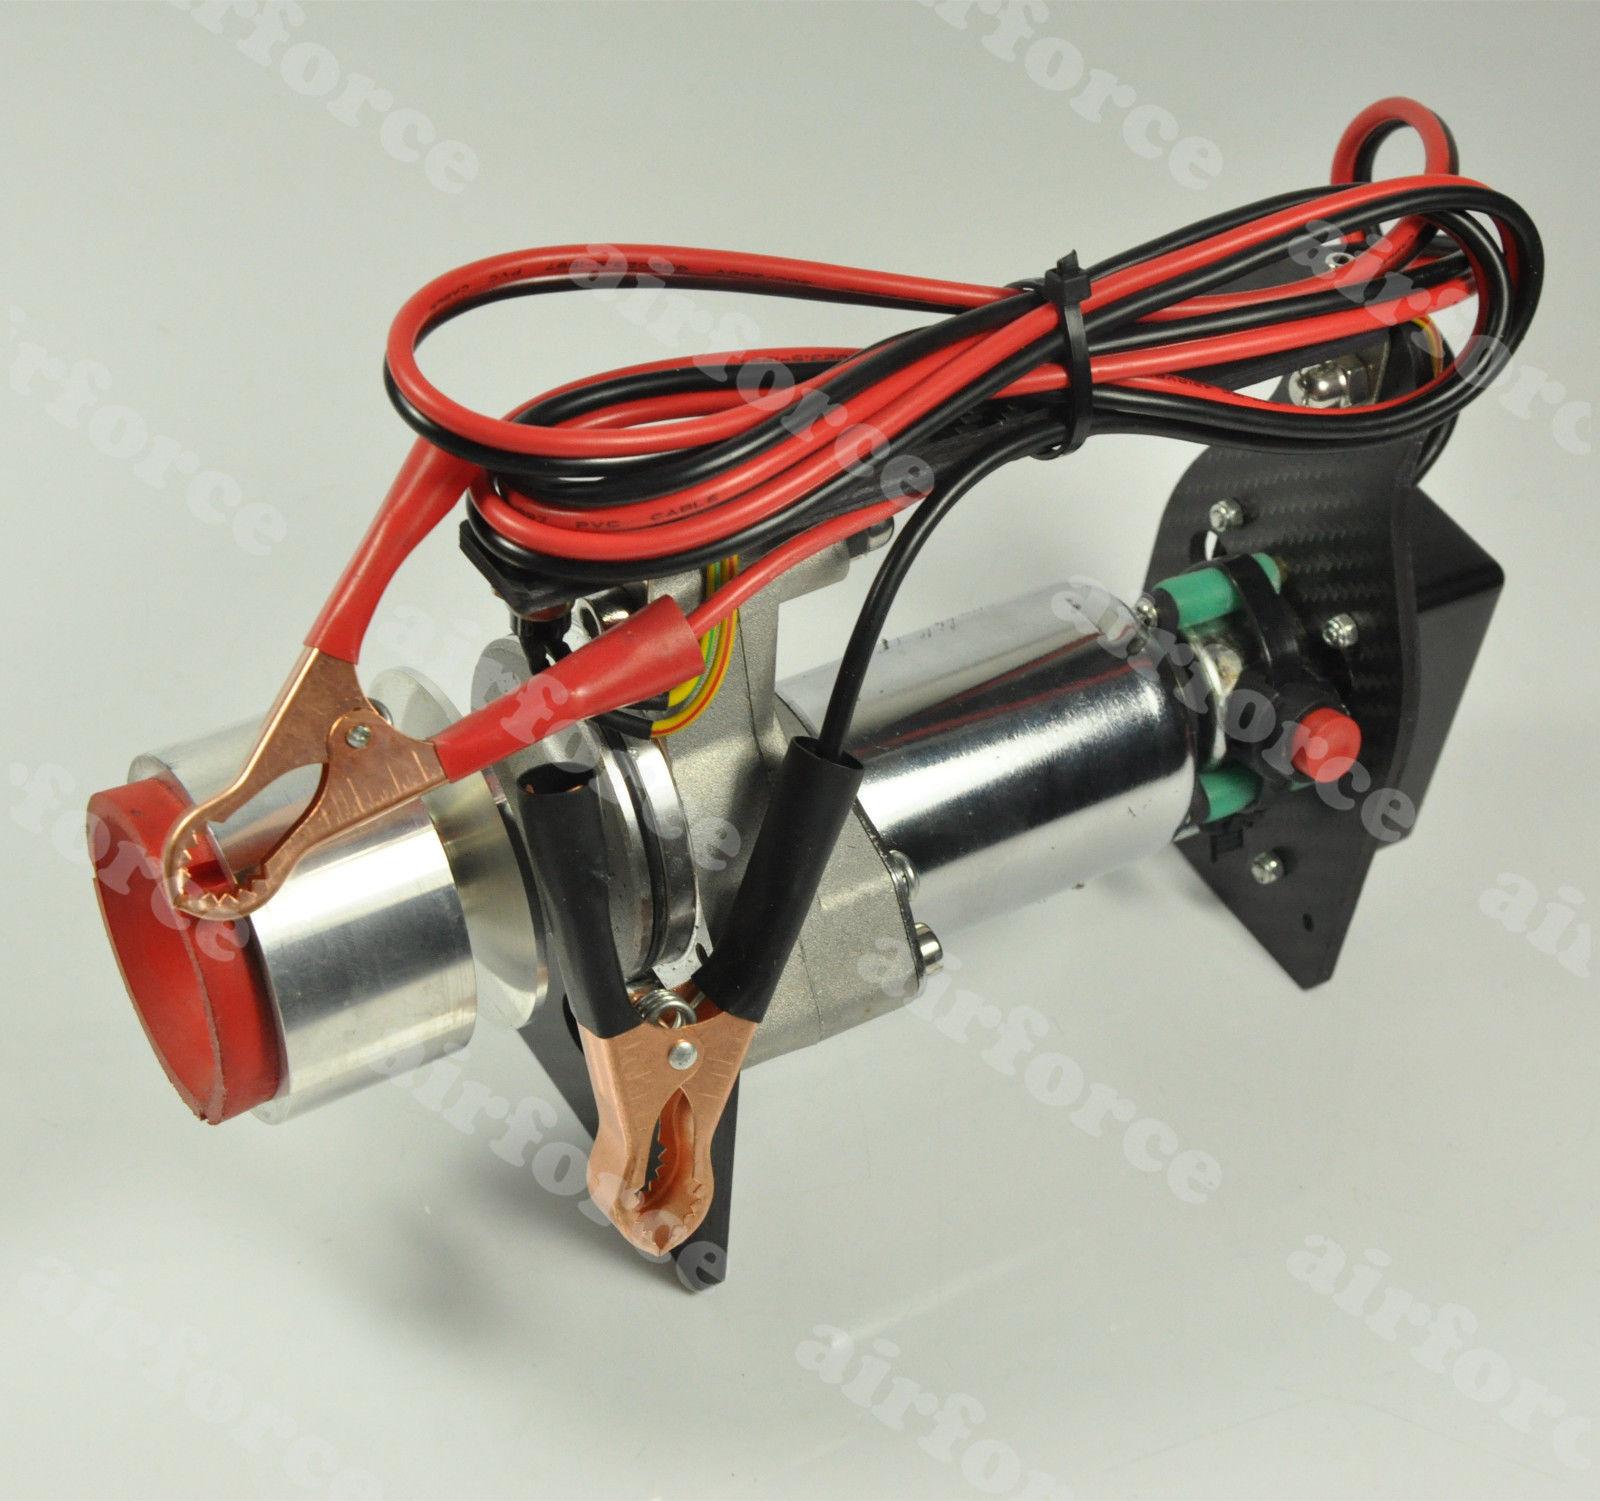 Démarreur de terminateur de Roto de TOC pour le démarreur de moteur électrique d'avion de Rc du moteur 20-80cc